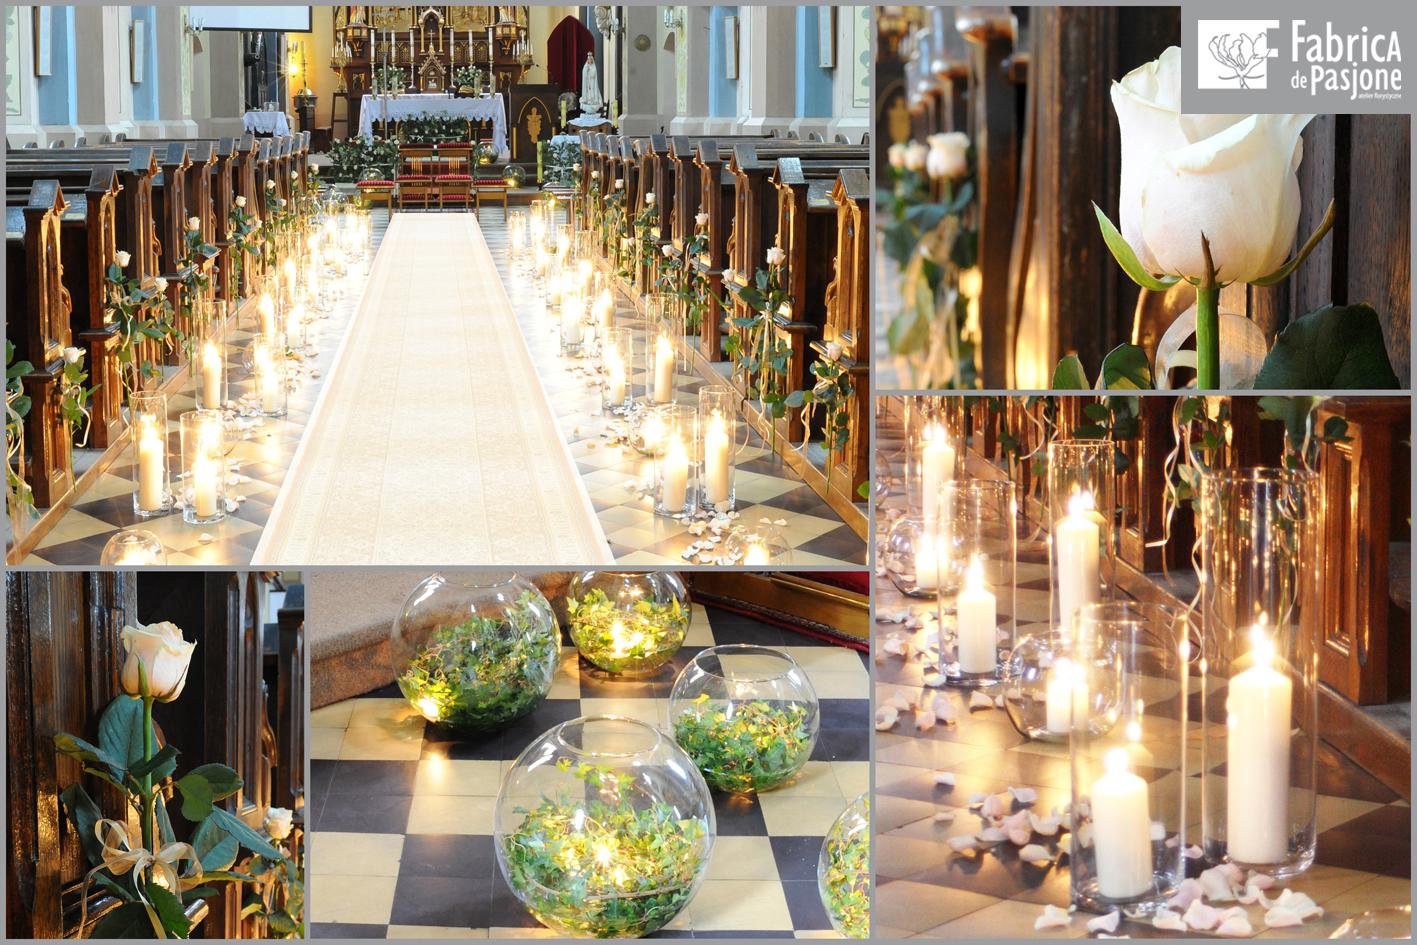 Dekoracja ślubna Kościoła Dekoracje ślubne Dekoracja Kościoła